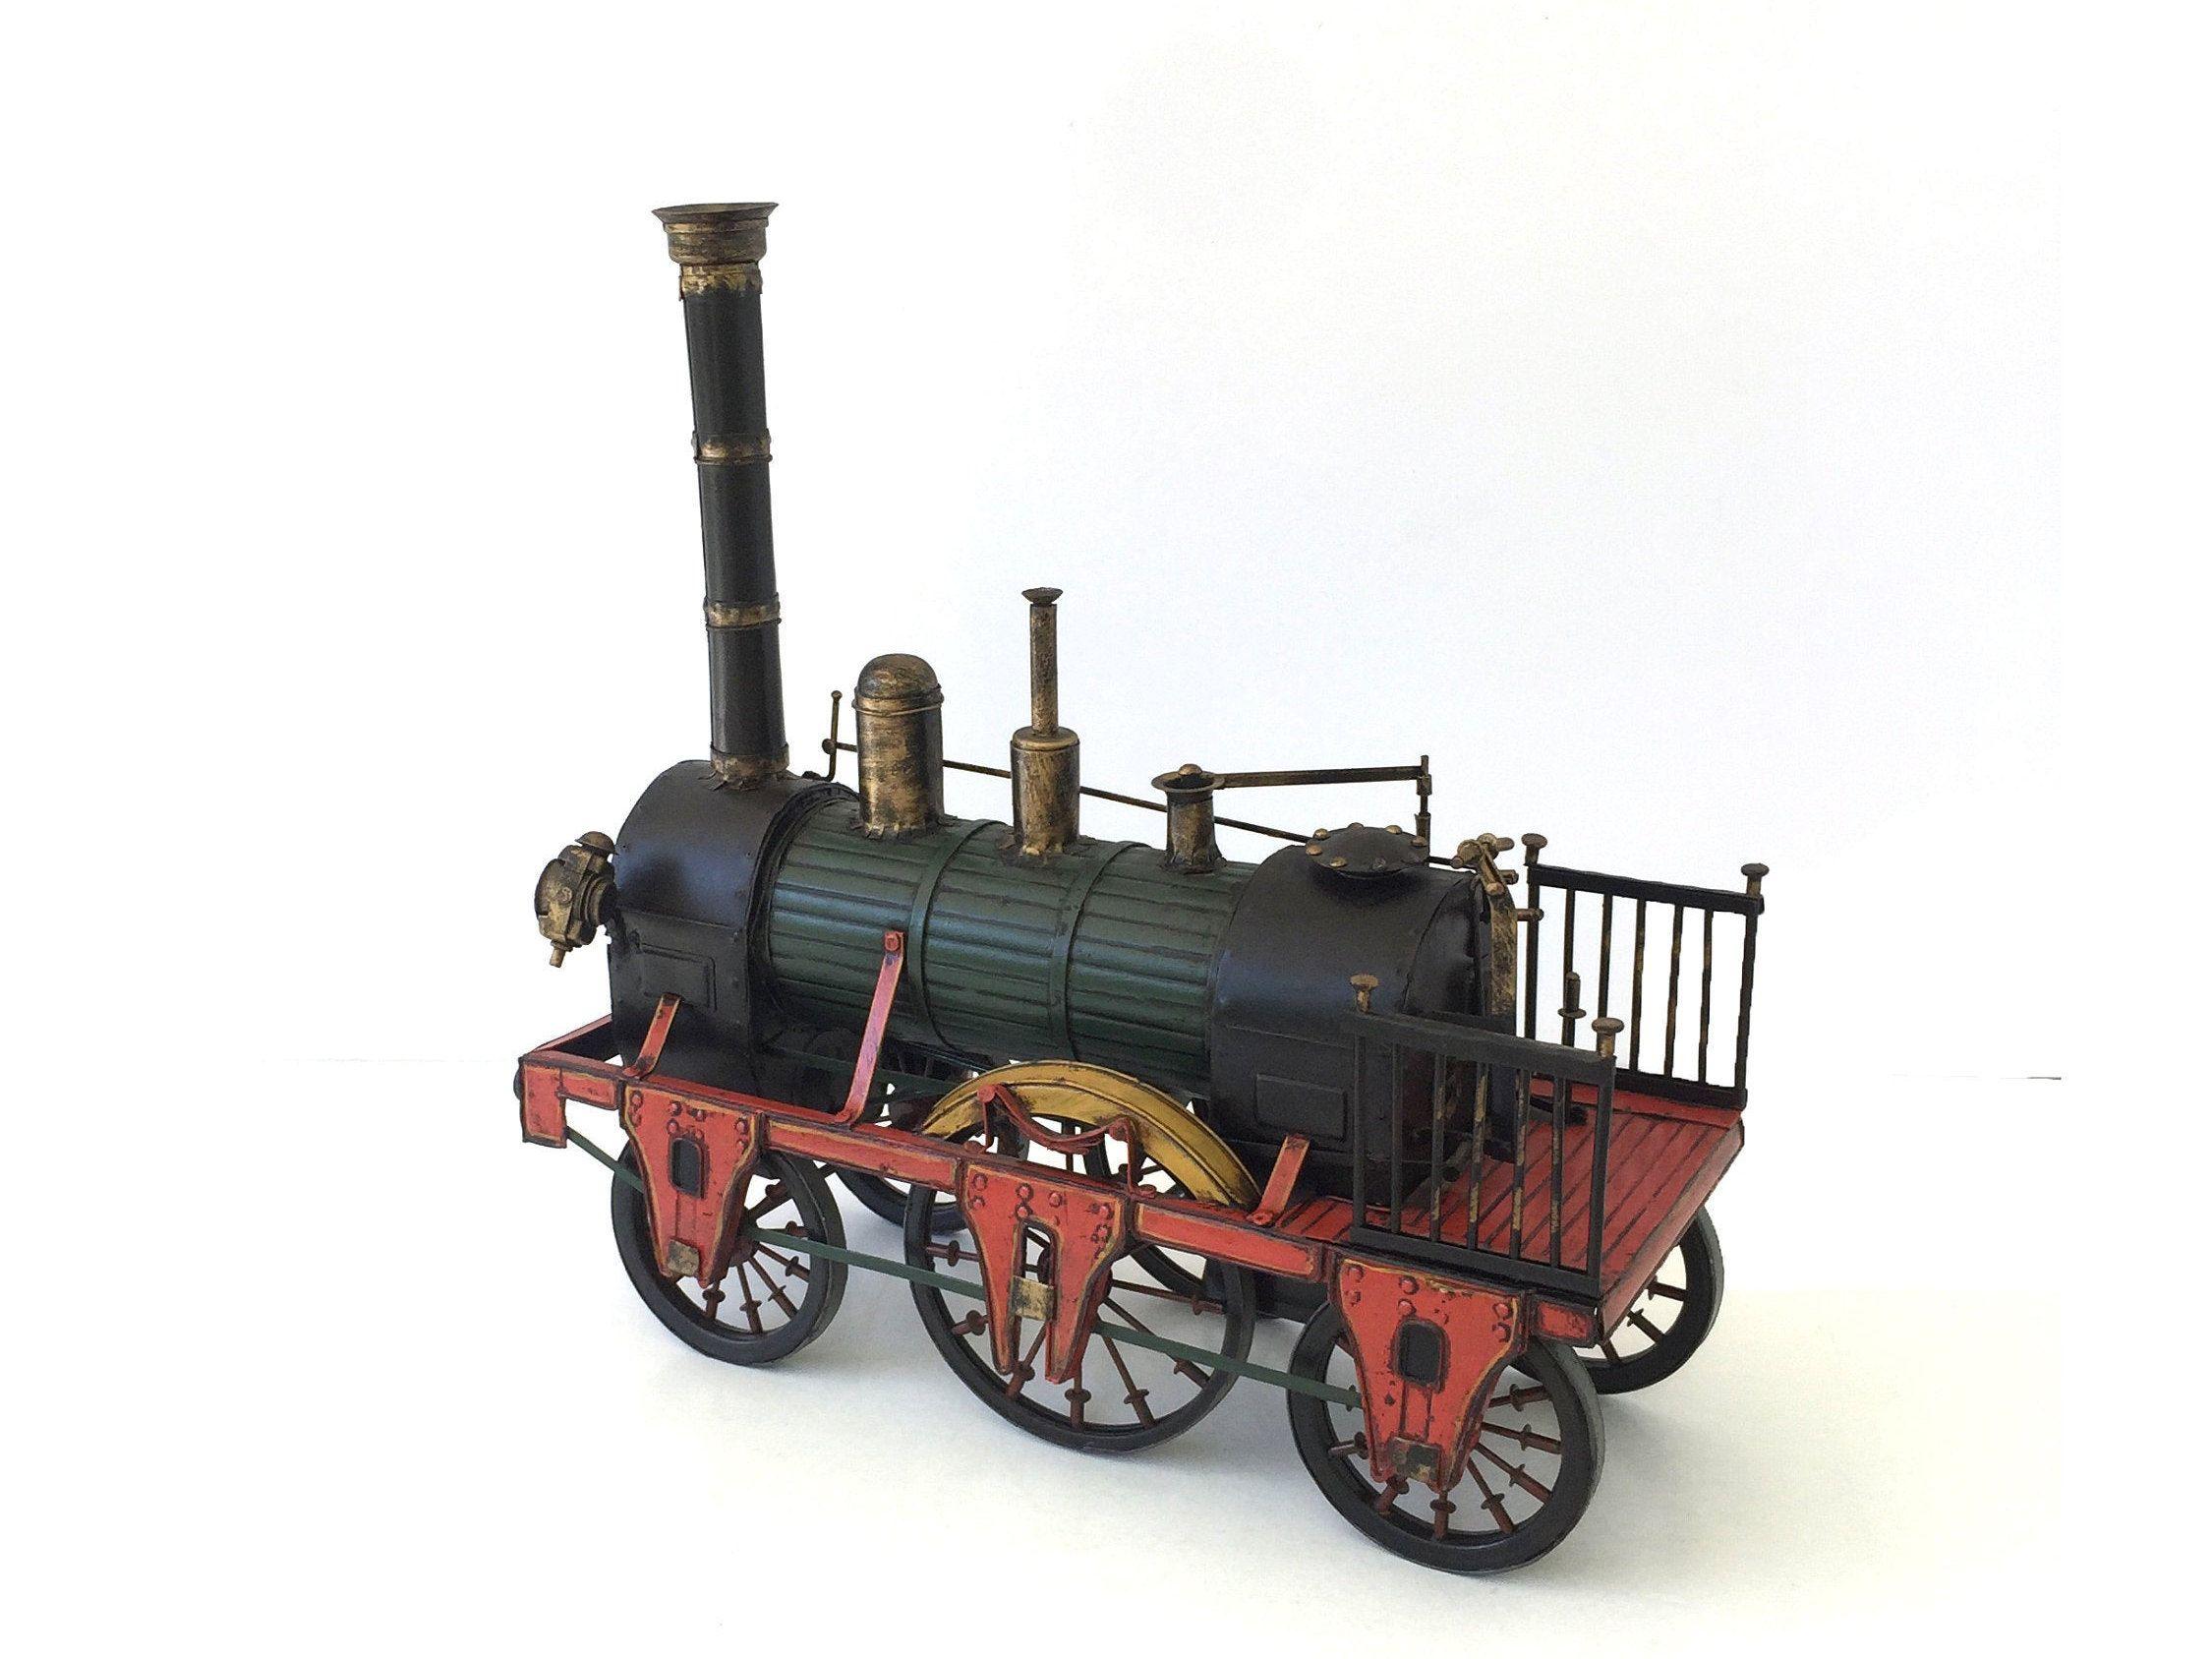 Vintage Steam Locomotive Train Engine Vintage Steam Train Etsy Steam Locomotive Train Engines Steam Trains